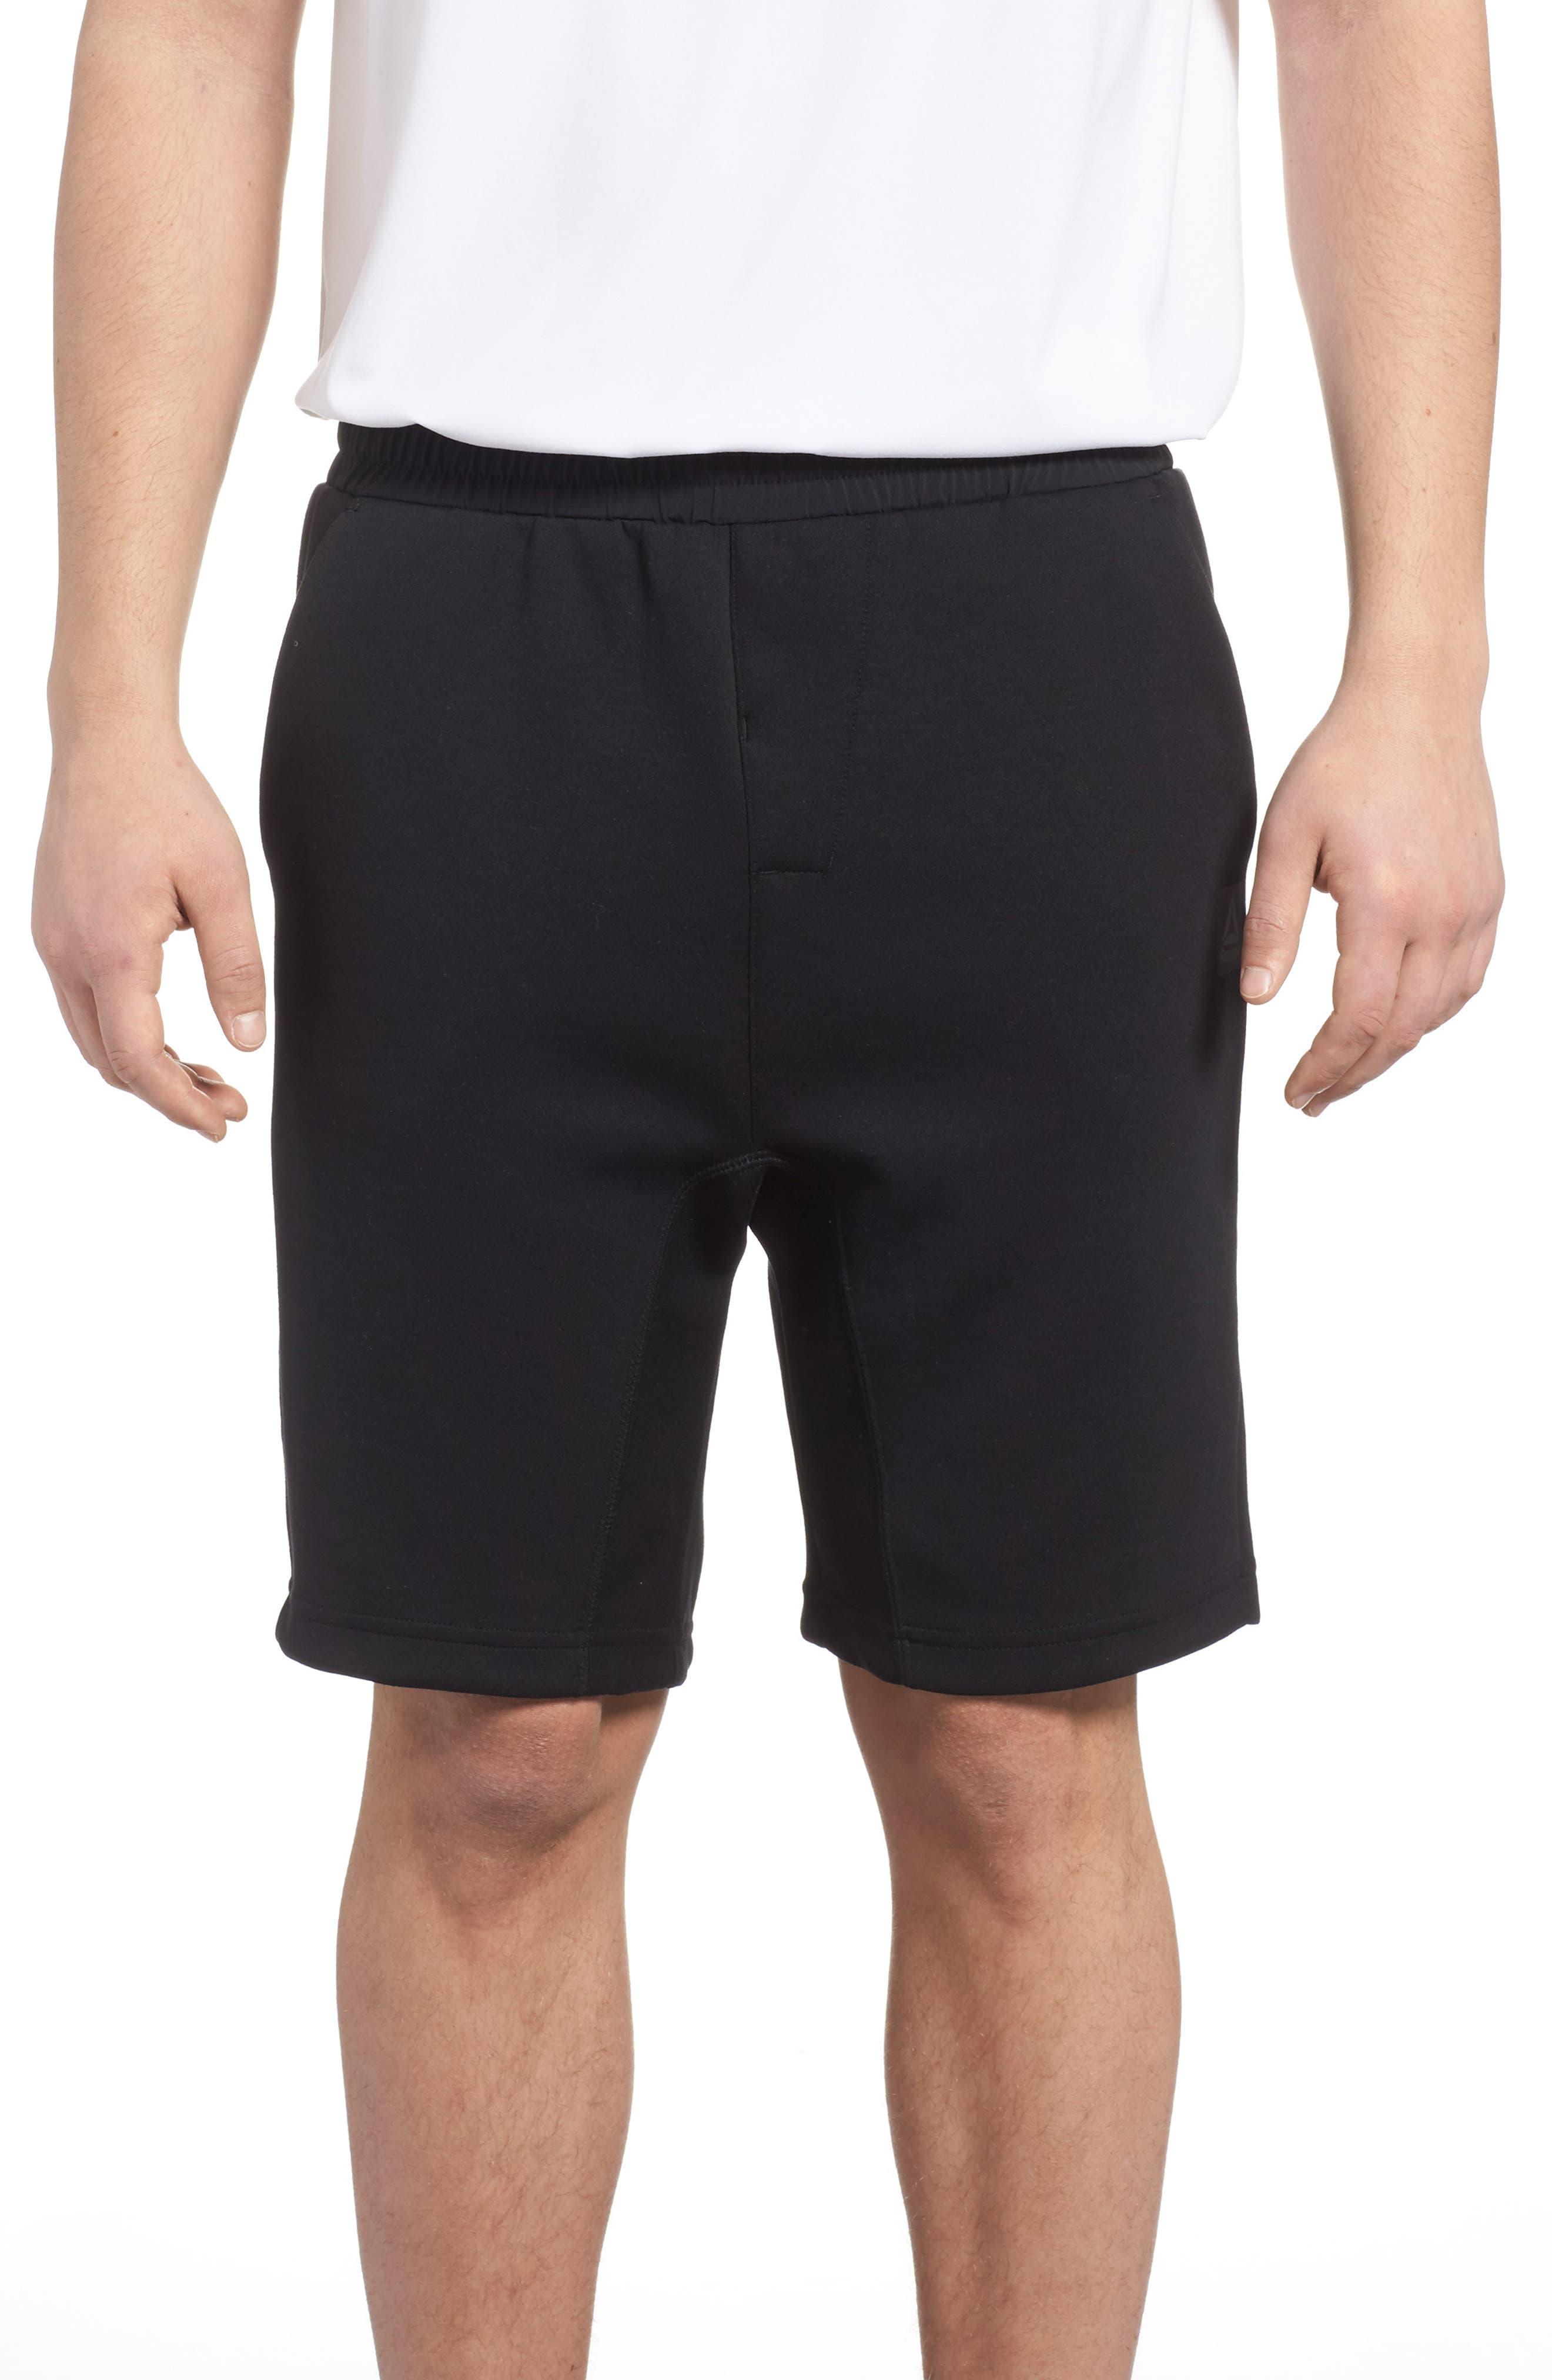 TS Knit Shorts,                             Main thumbnail 1, color,                             005